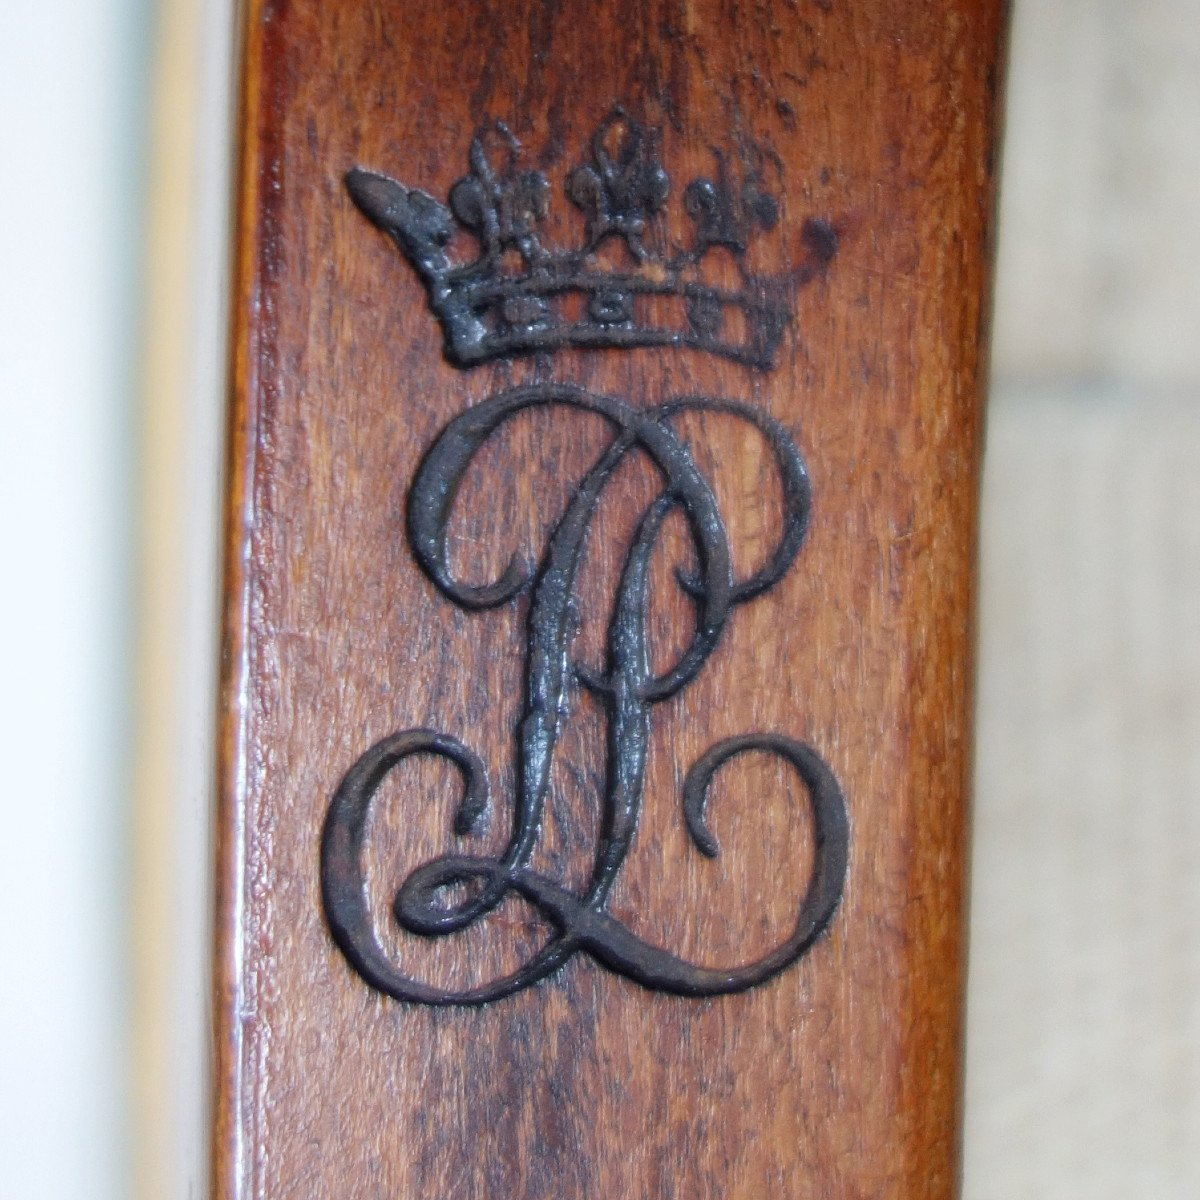 Paire De Chaises Par Jacob Pour Louis Philippe Au Chateau De Bizy - Estampilles Et Marques  Feu-photo-6